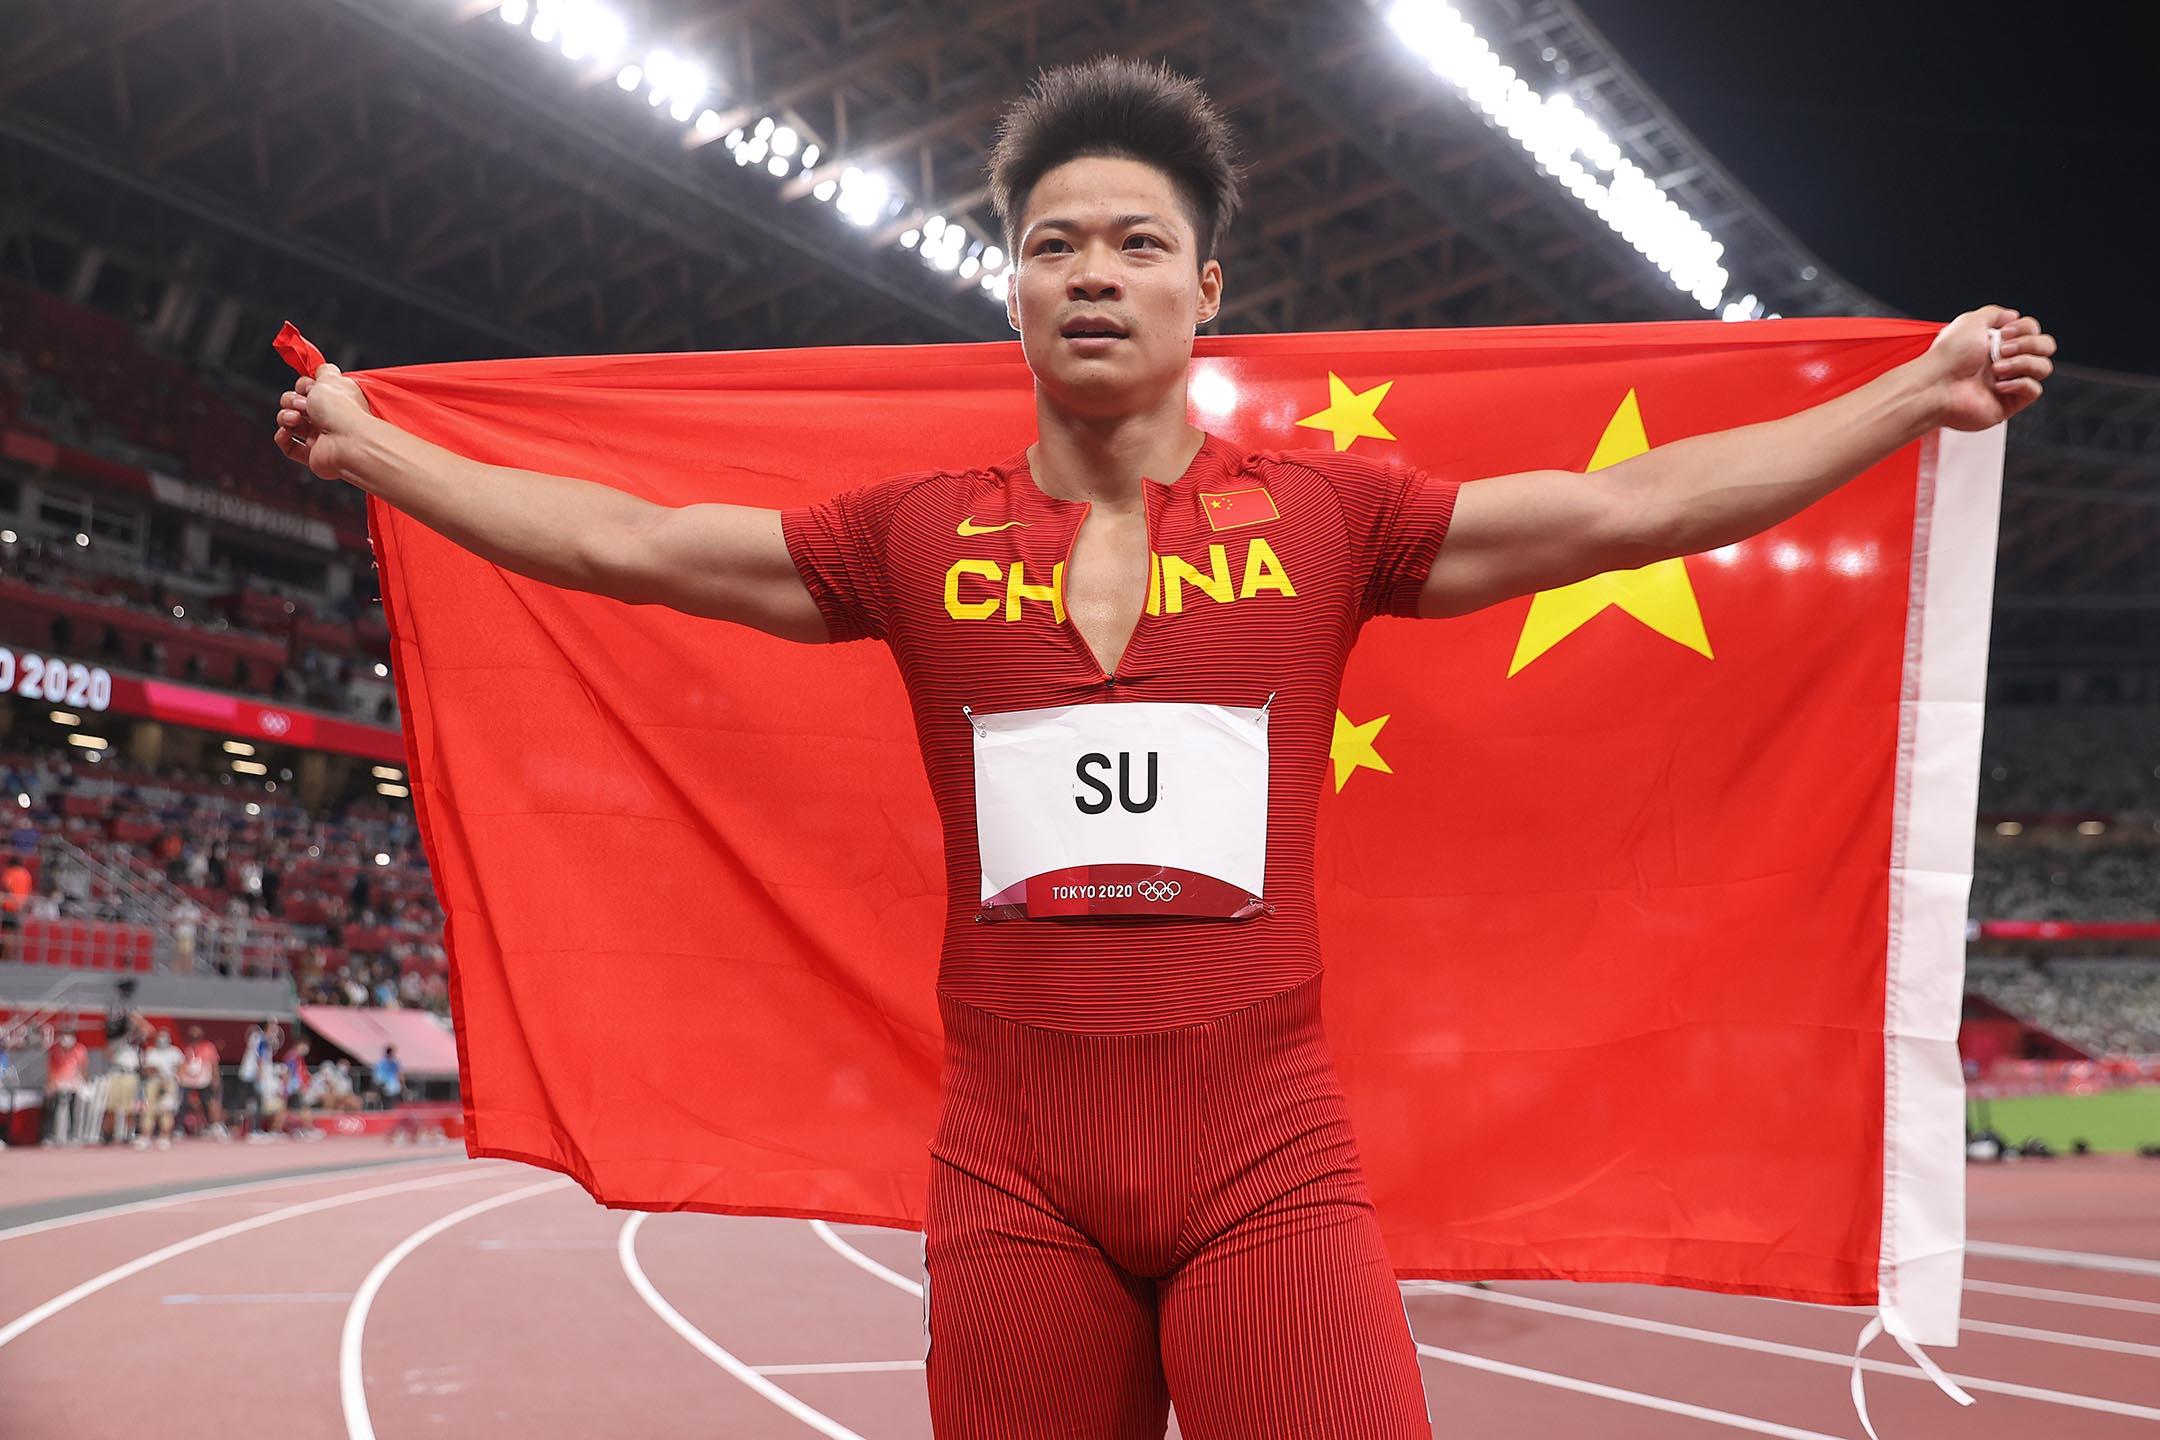 2021年8月1日日本東京,中國隊的蘇炳添在日本東京奧林匹克體育場100米決賽后。